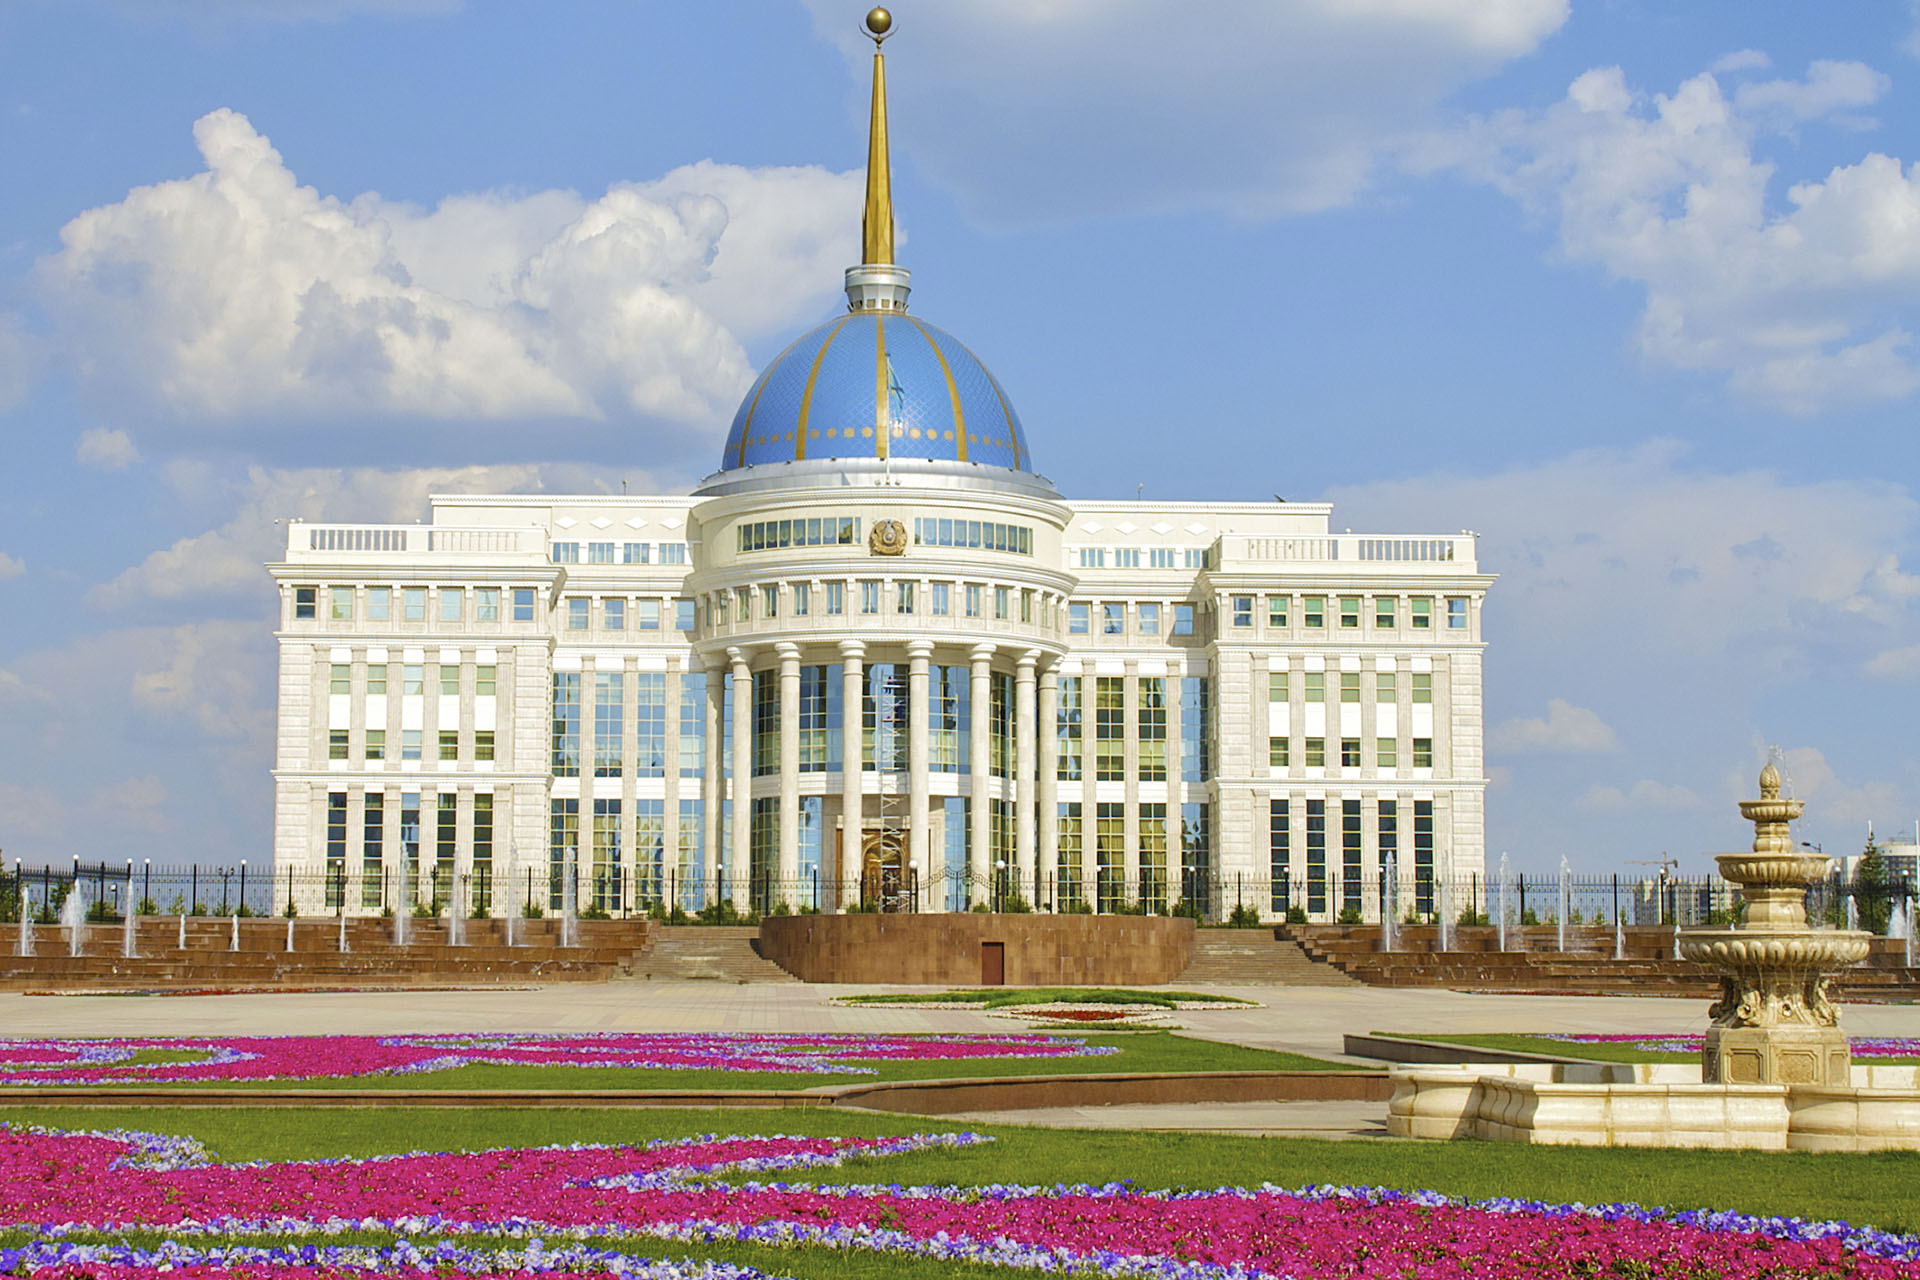 Palazzi del potere: palazzo Presidenziale in Kazakistan